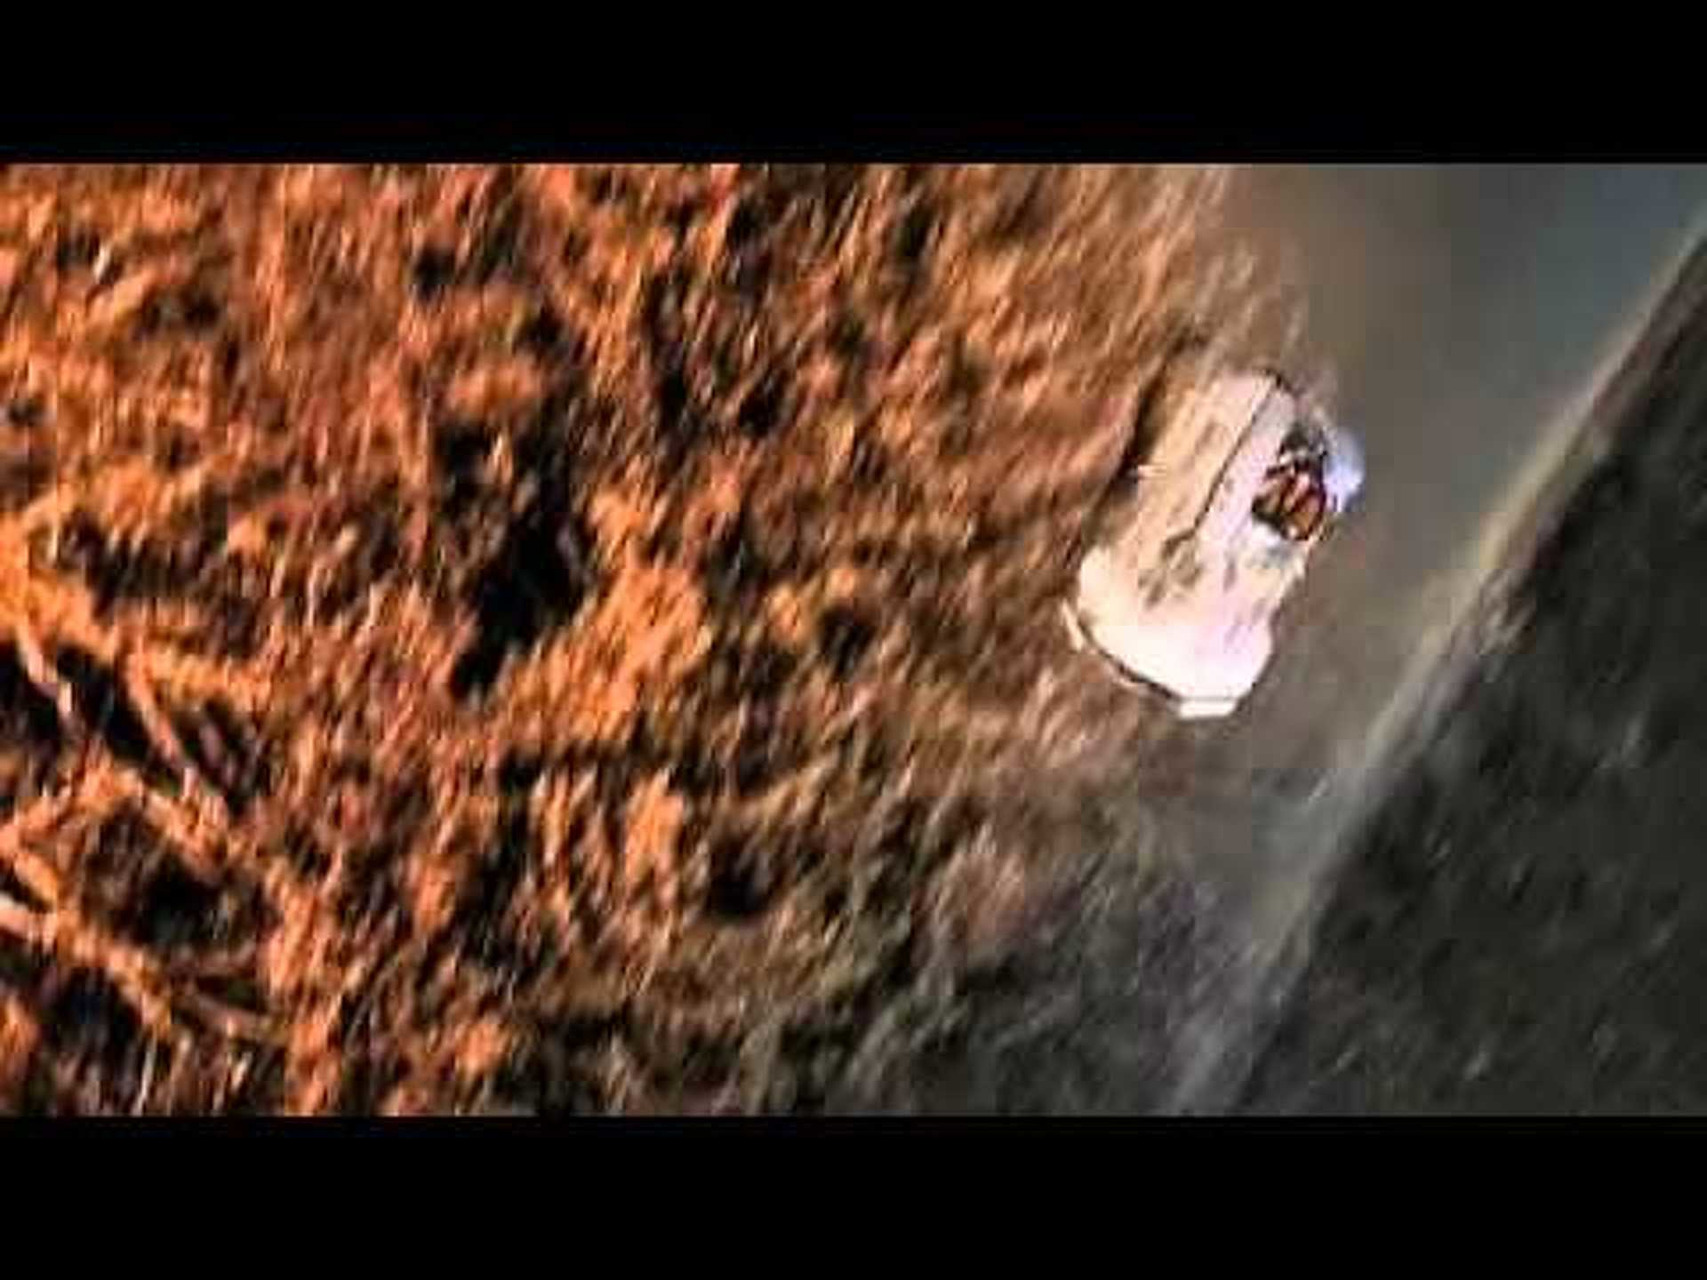 Veritas RS III Roadster Video Footage